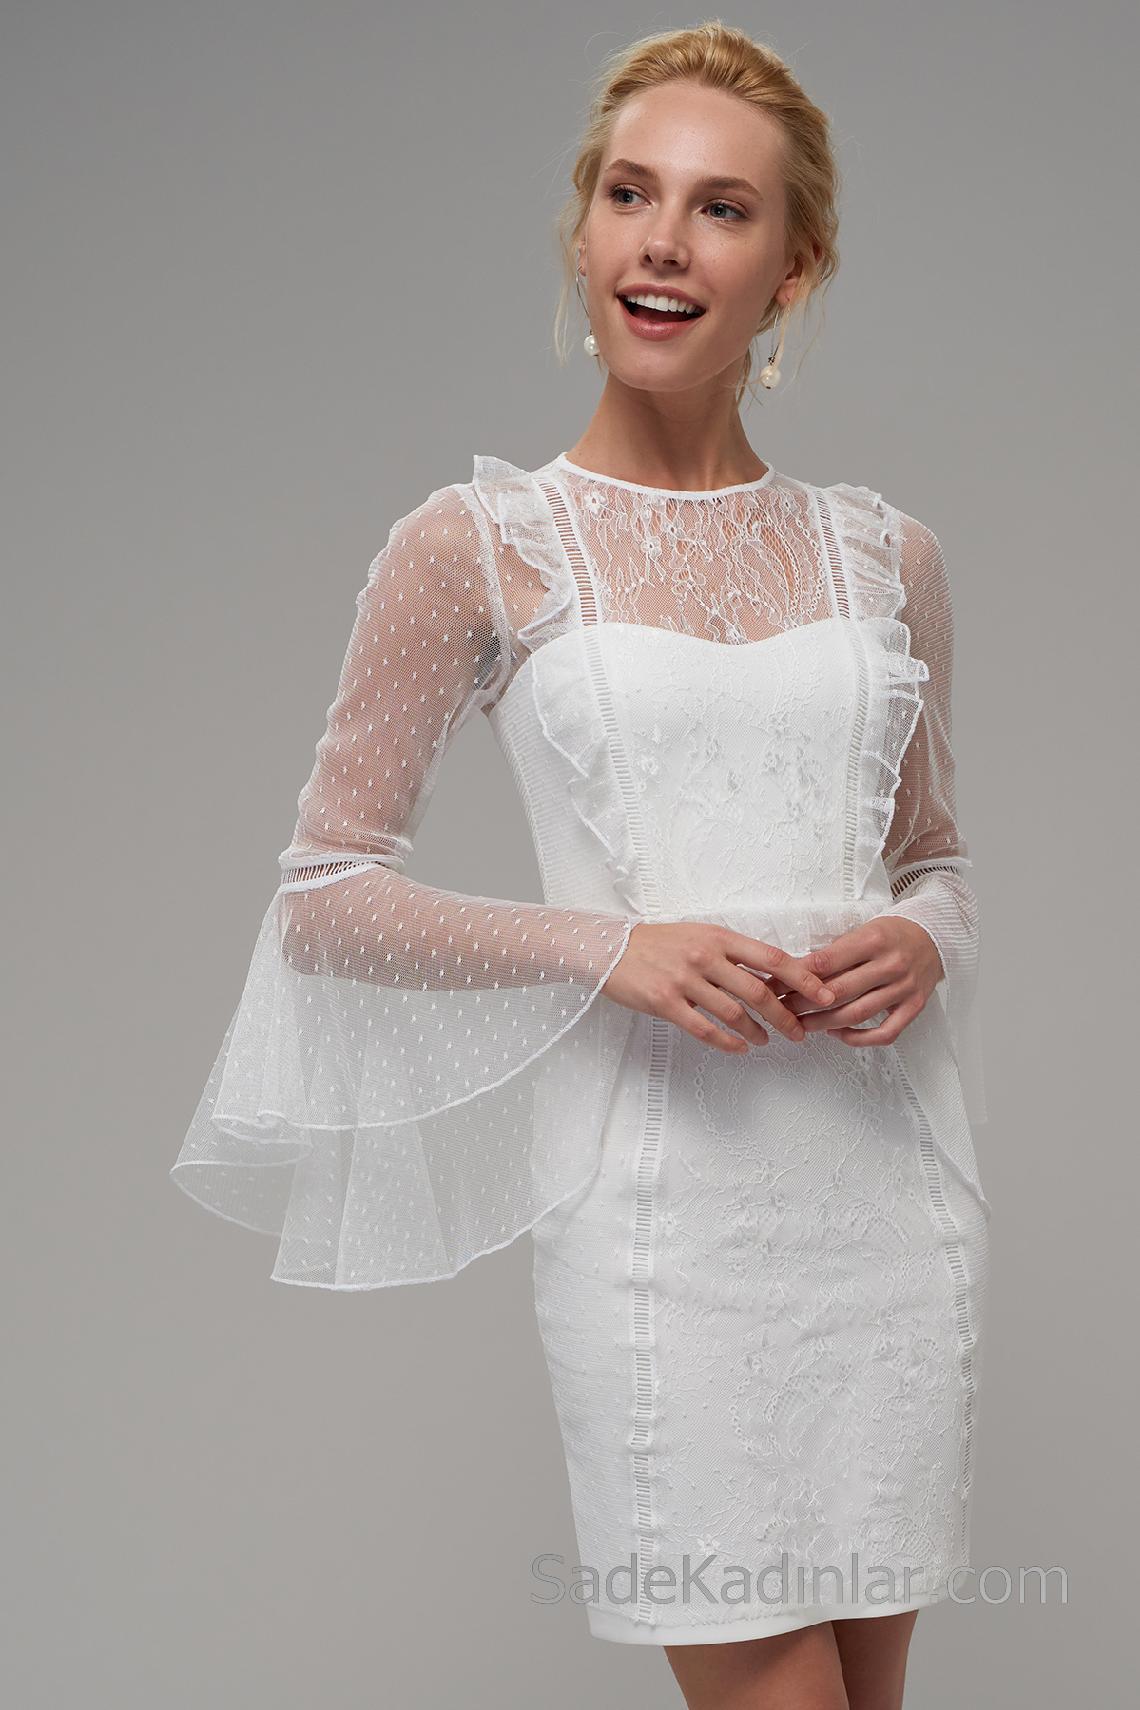 60fac61c55b6e 2018 Abiye Elbiseler Beyaz Kısa Transparan Tüllü Yaka İspanyol Kol ...